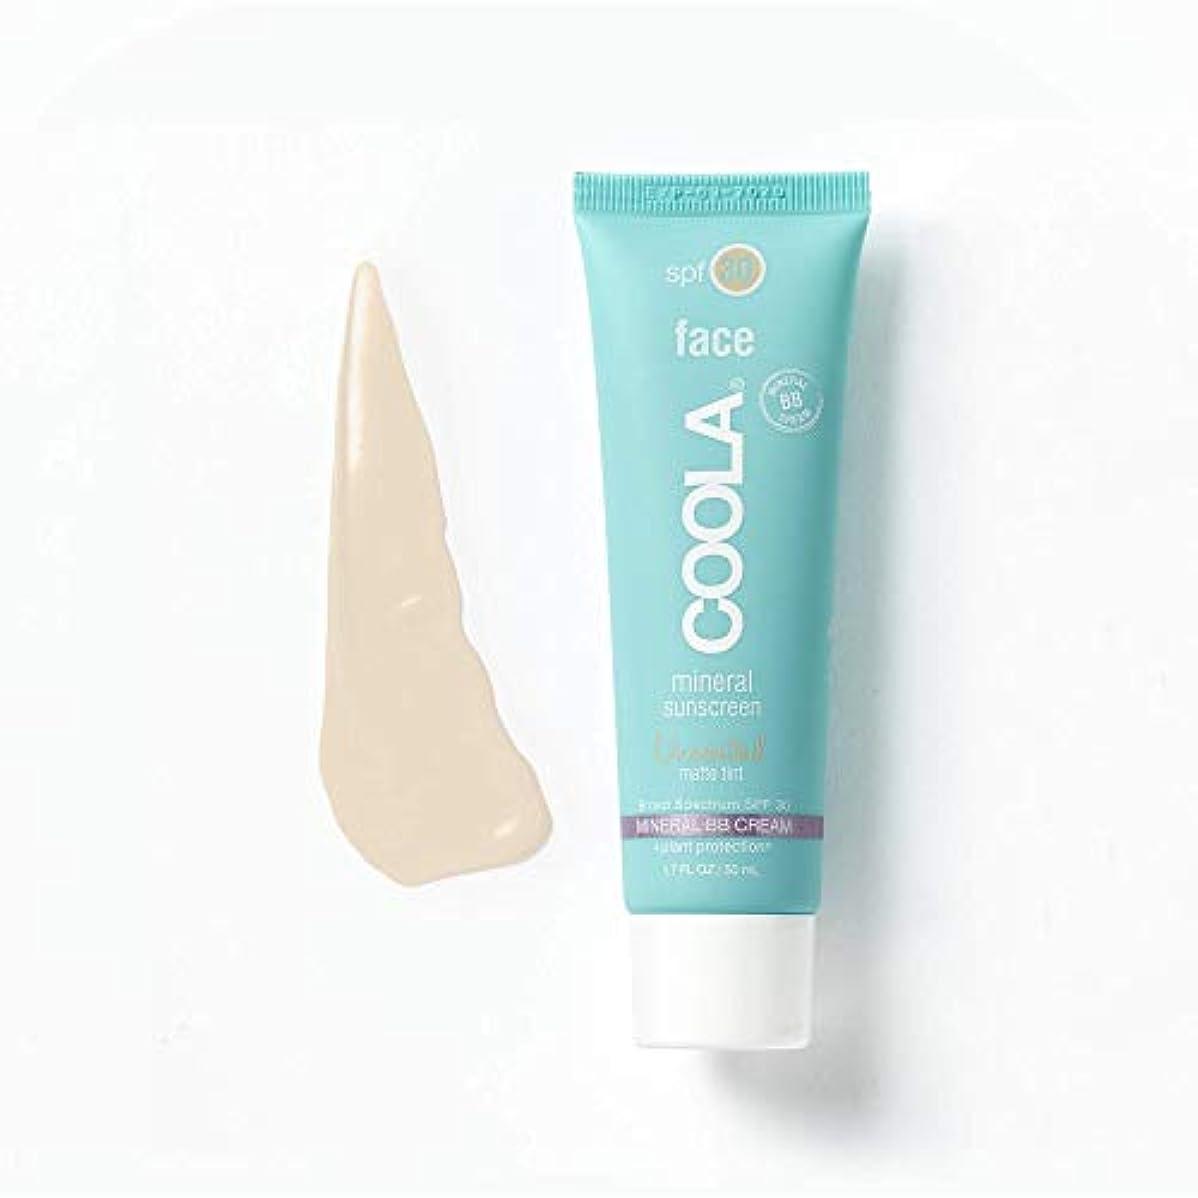 パノラマ彼女のアクセスCoola Face Spf 30 Mineral Sunscreen Unscented Matte Tint (並行輸入品)